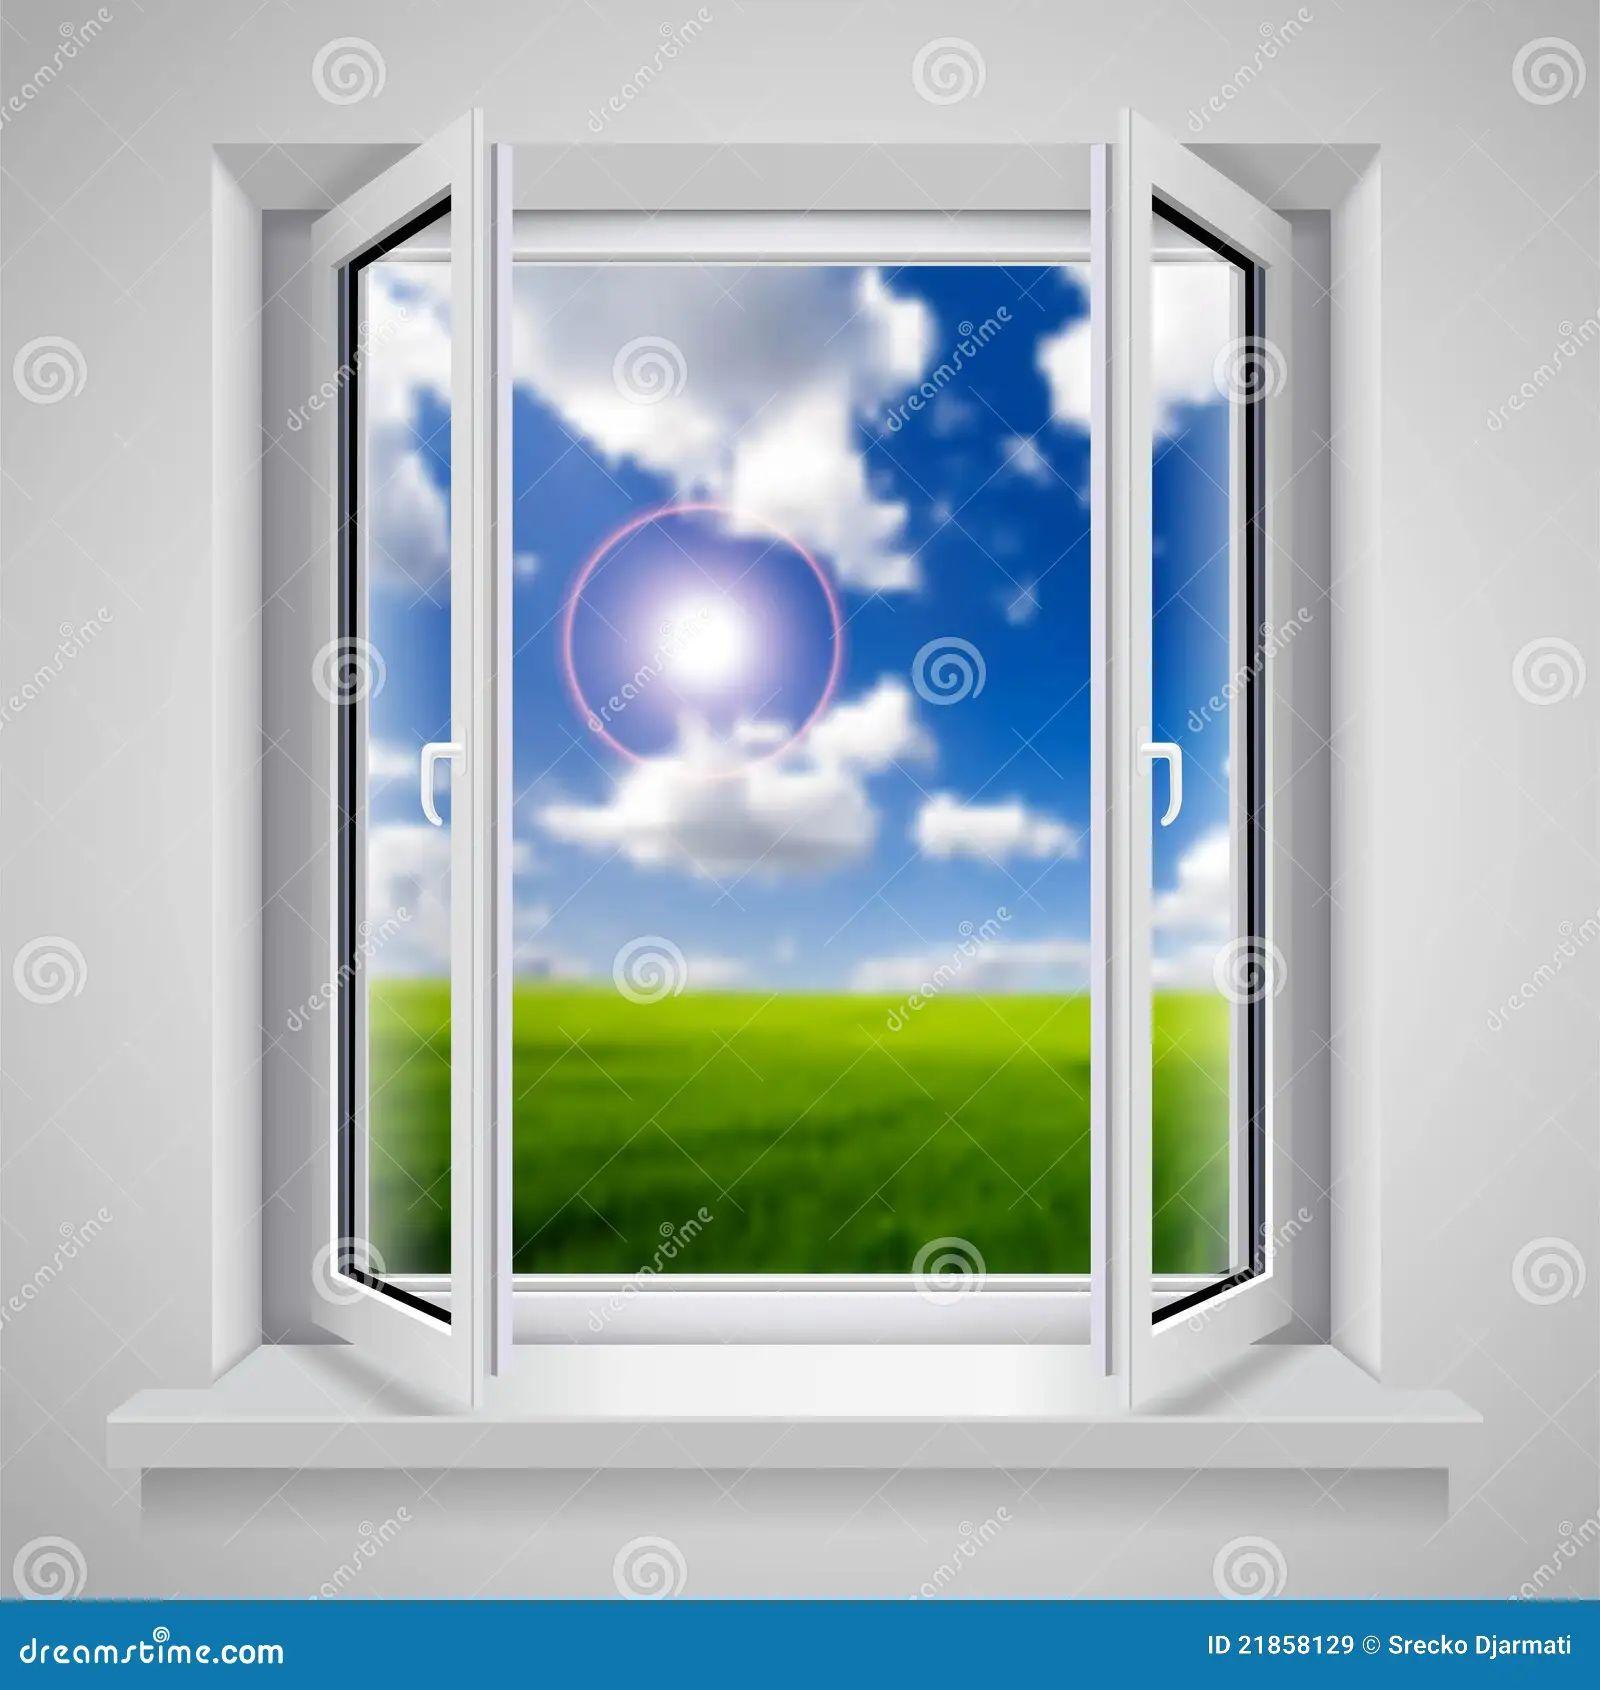 Gallery for gt open window